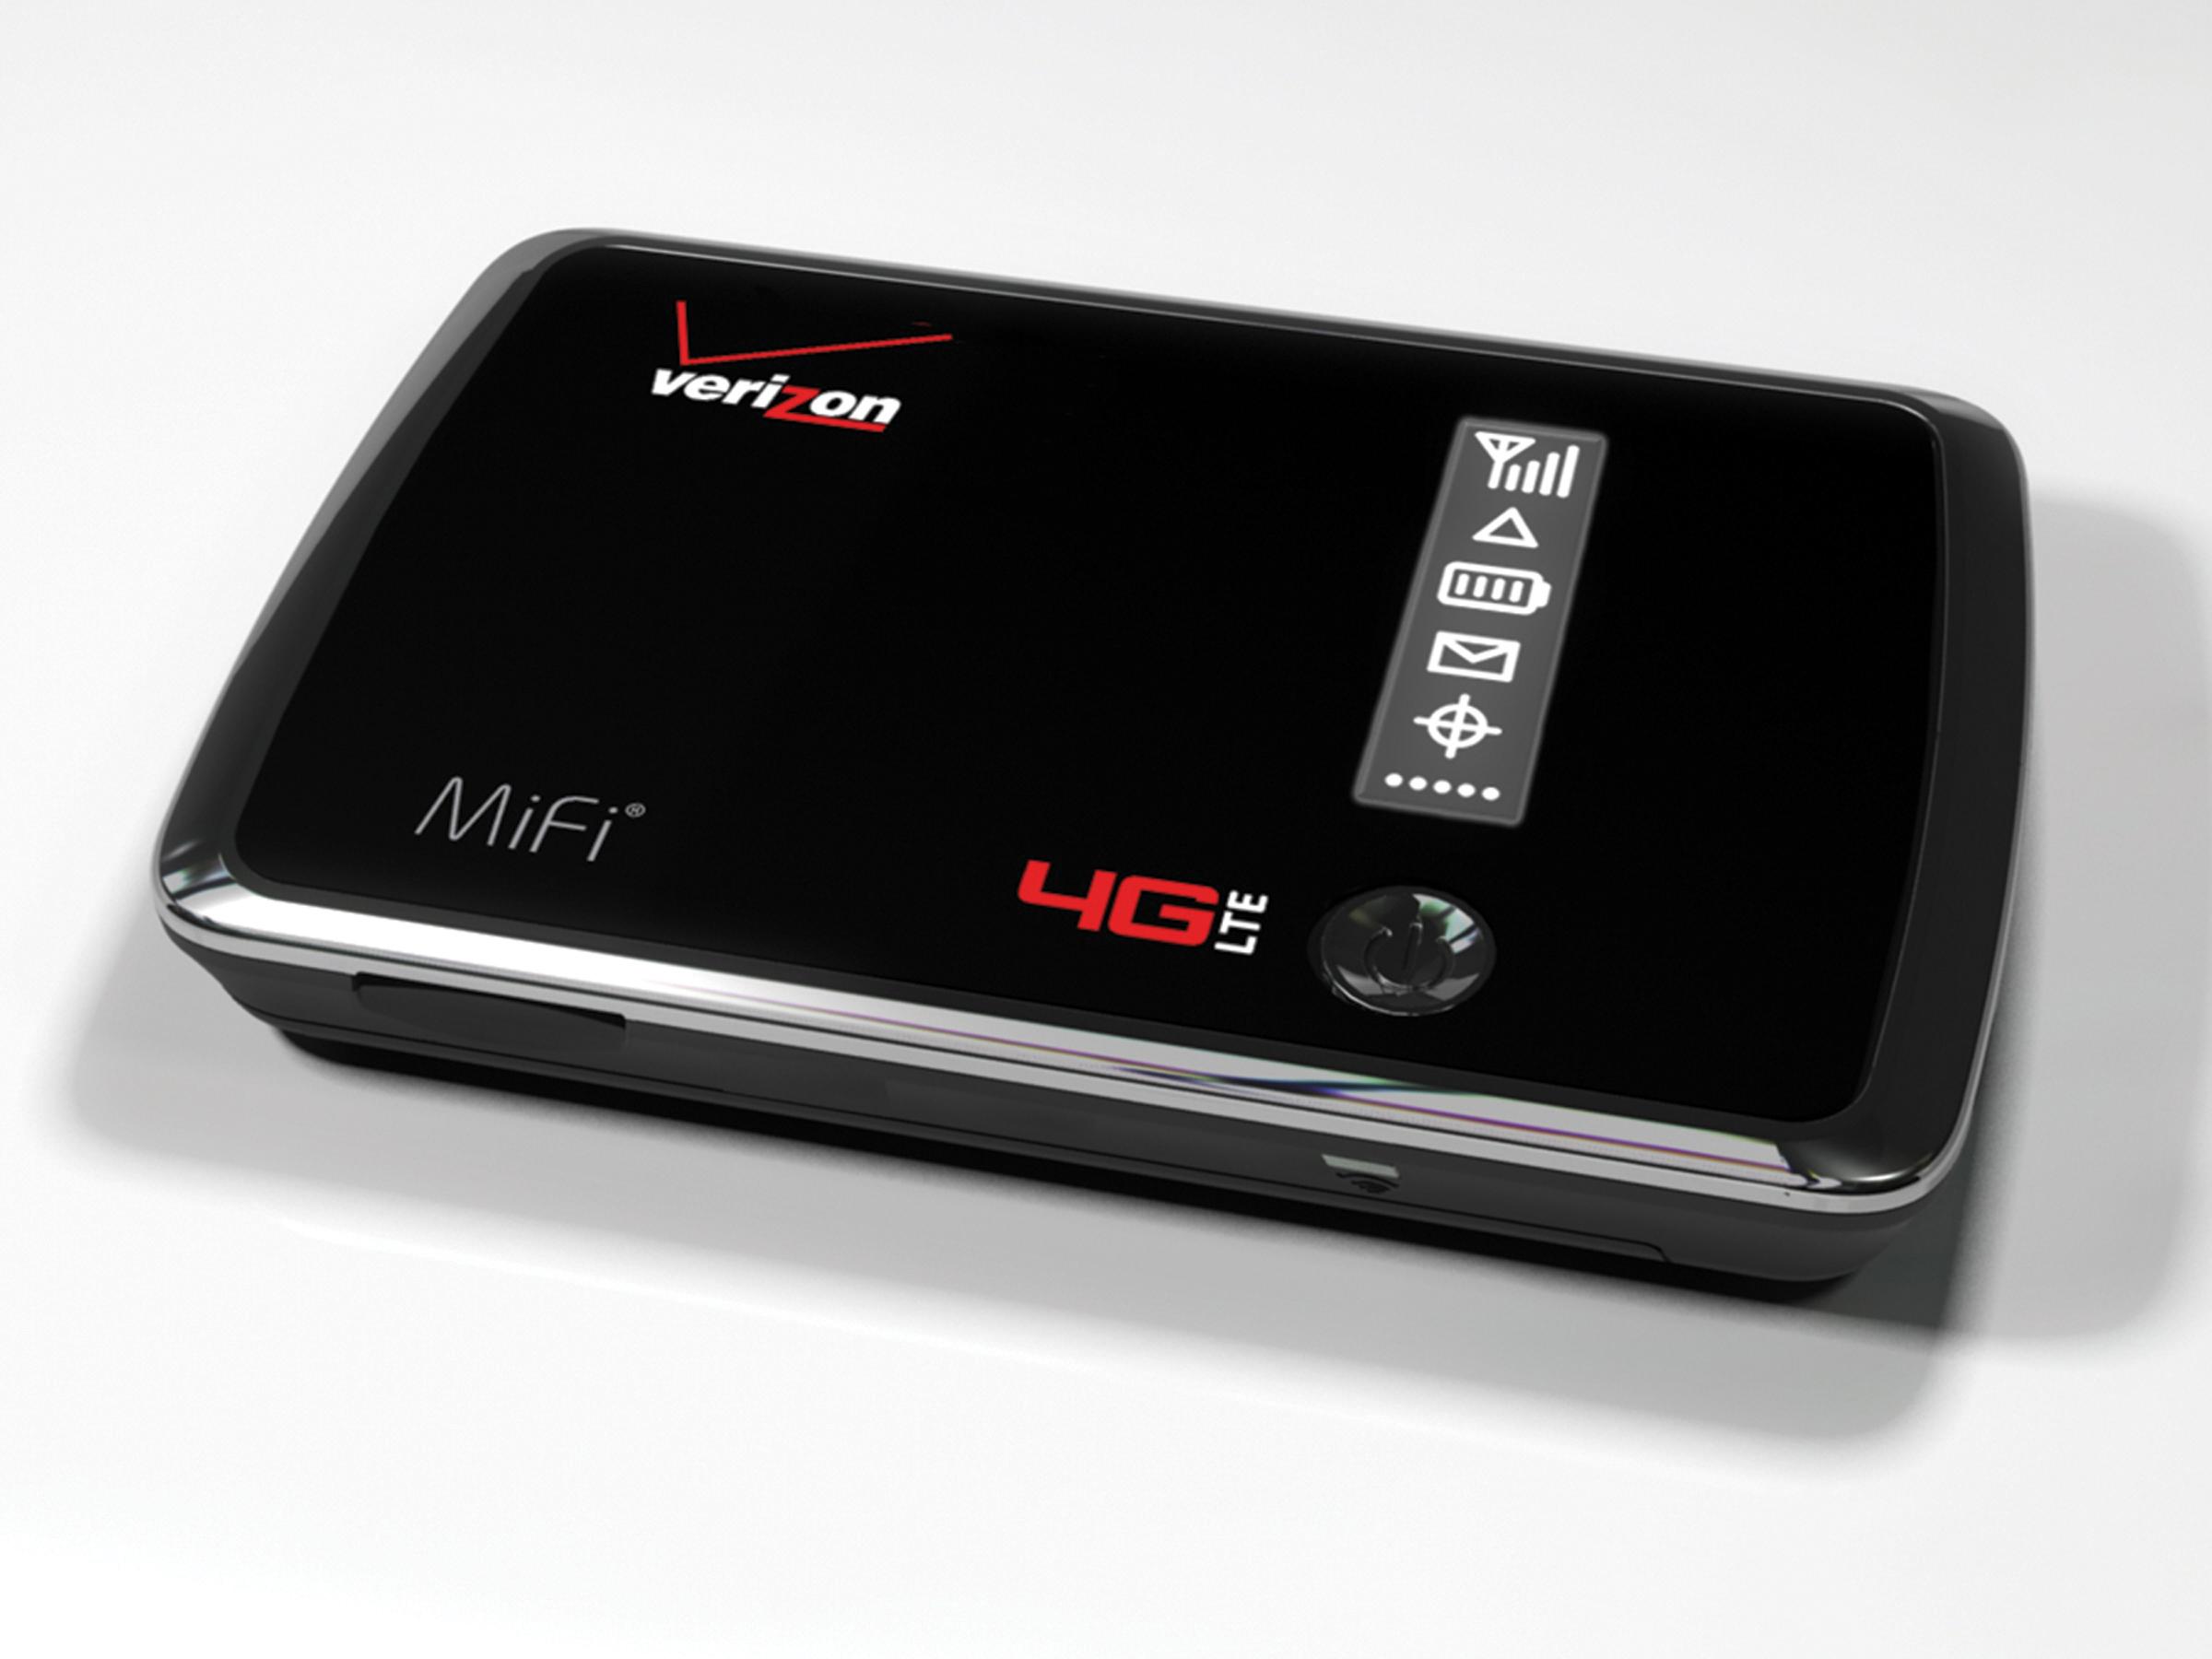 Novatel 4G LTE MiFi 4510L - Verizon